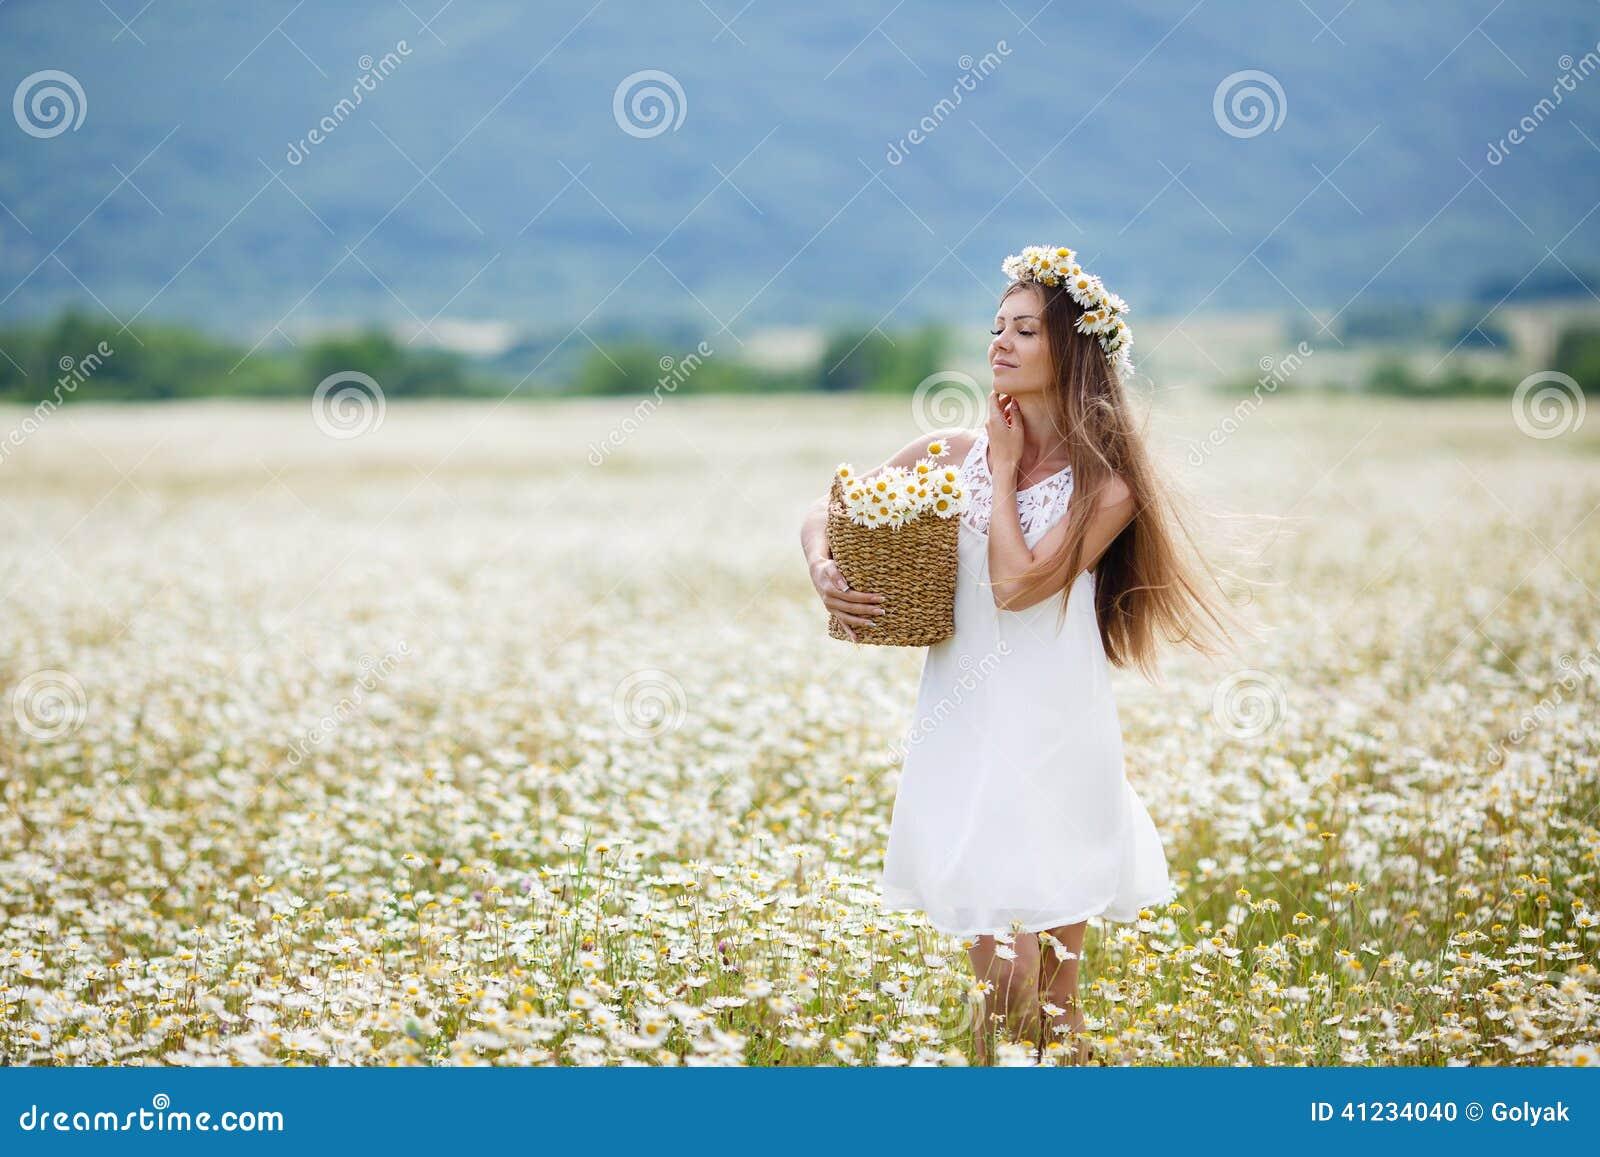 春黄菊领域的美丽的女孩